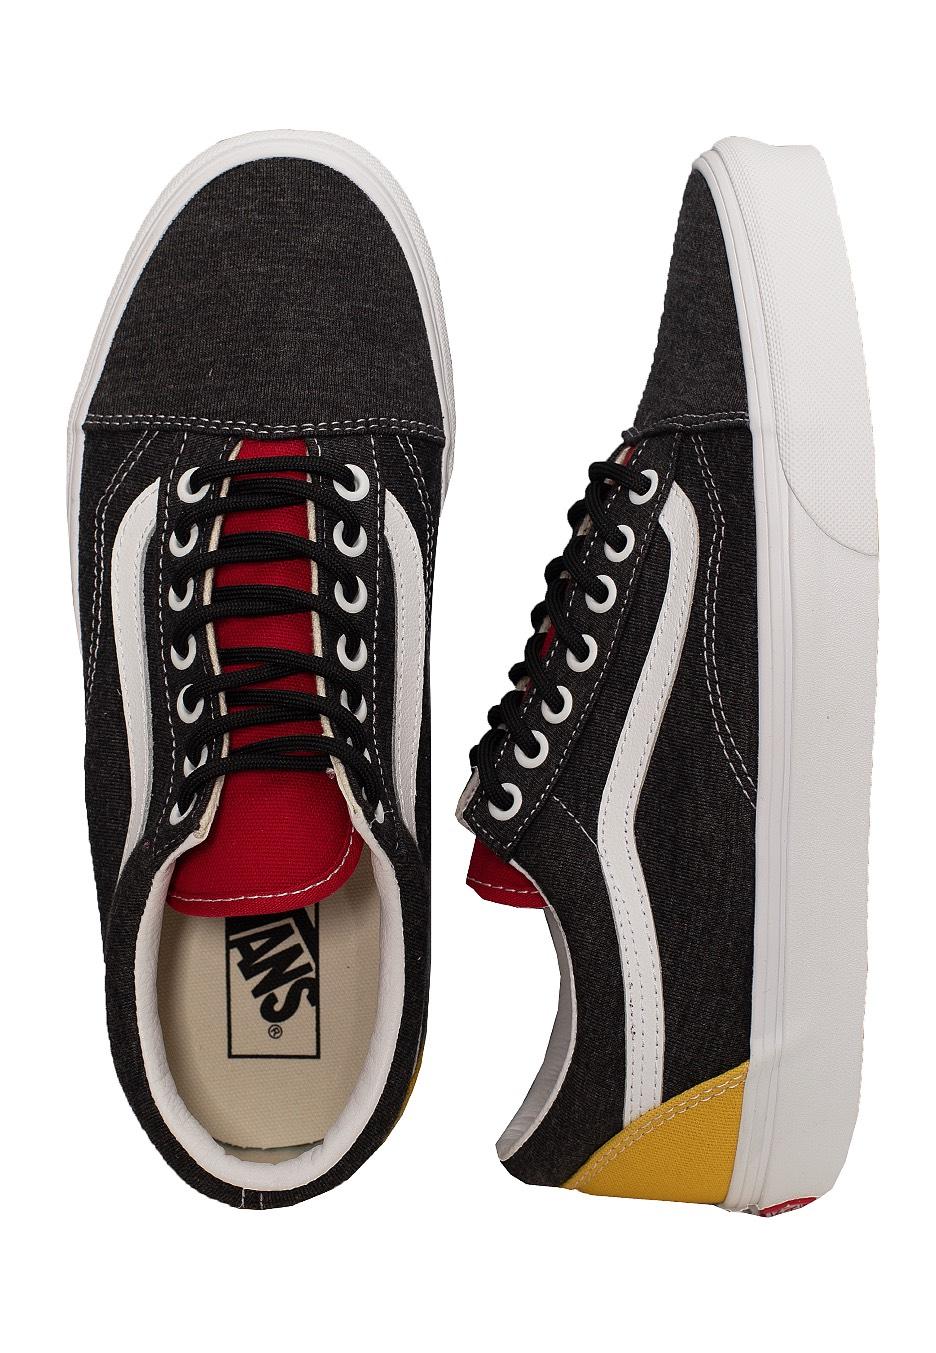 Vans - Old Skool (Vans Coastal) Black